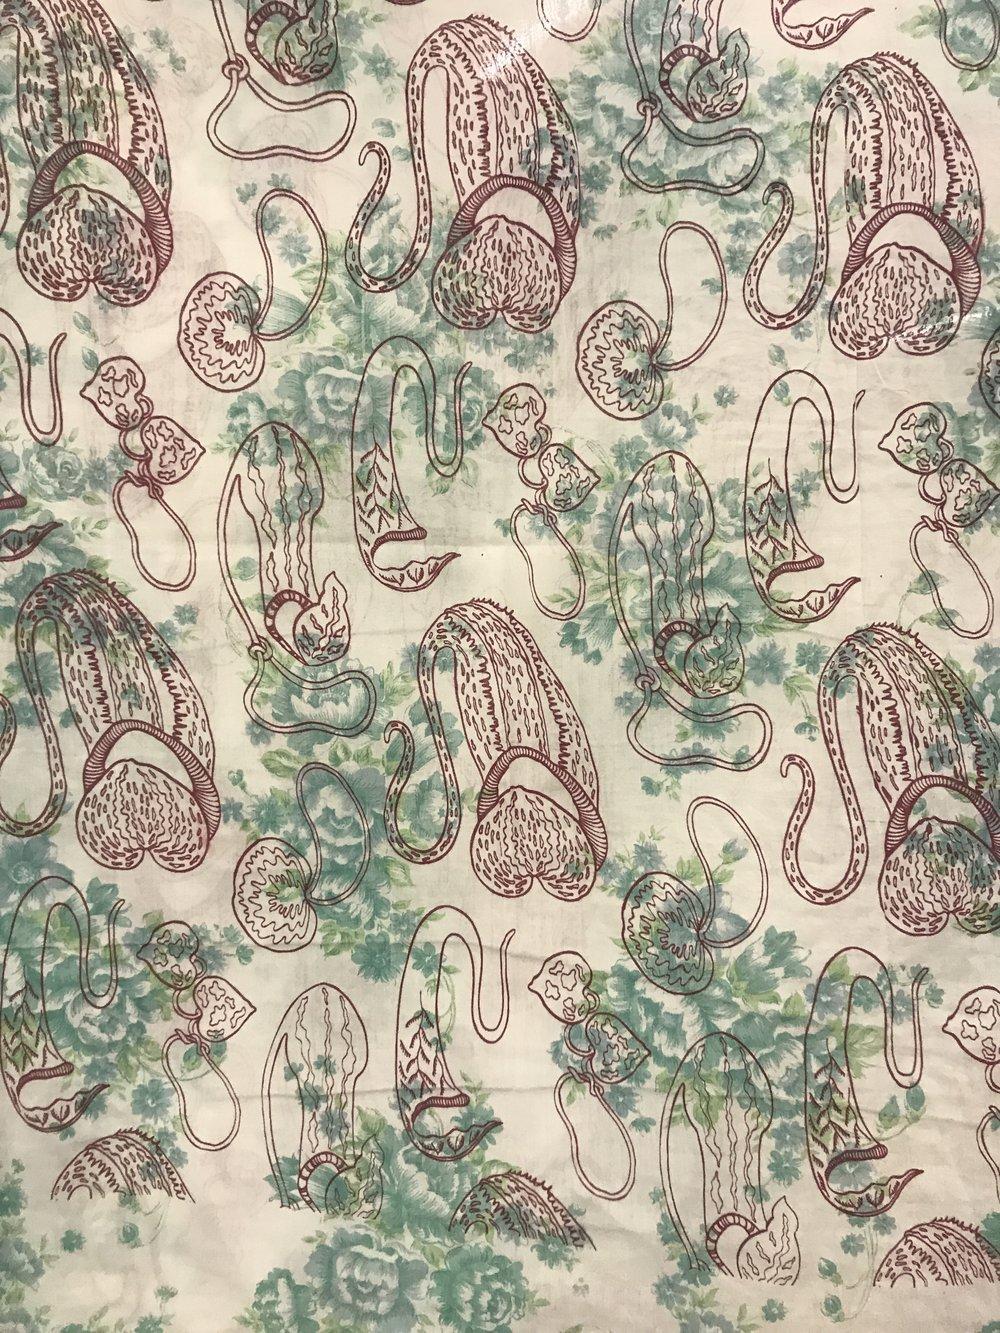 Malaysian Purse Plant – Used Fabric